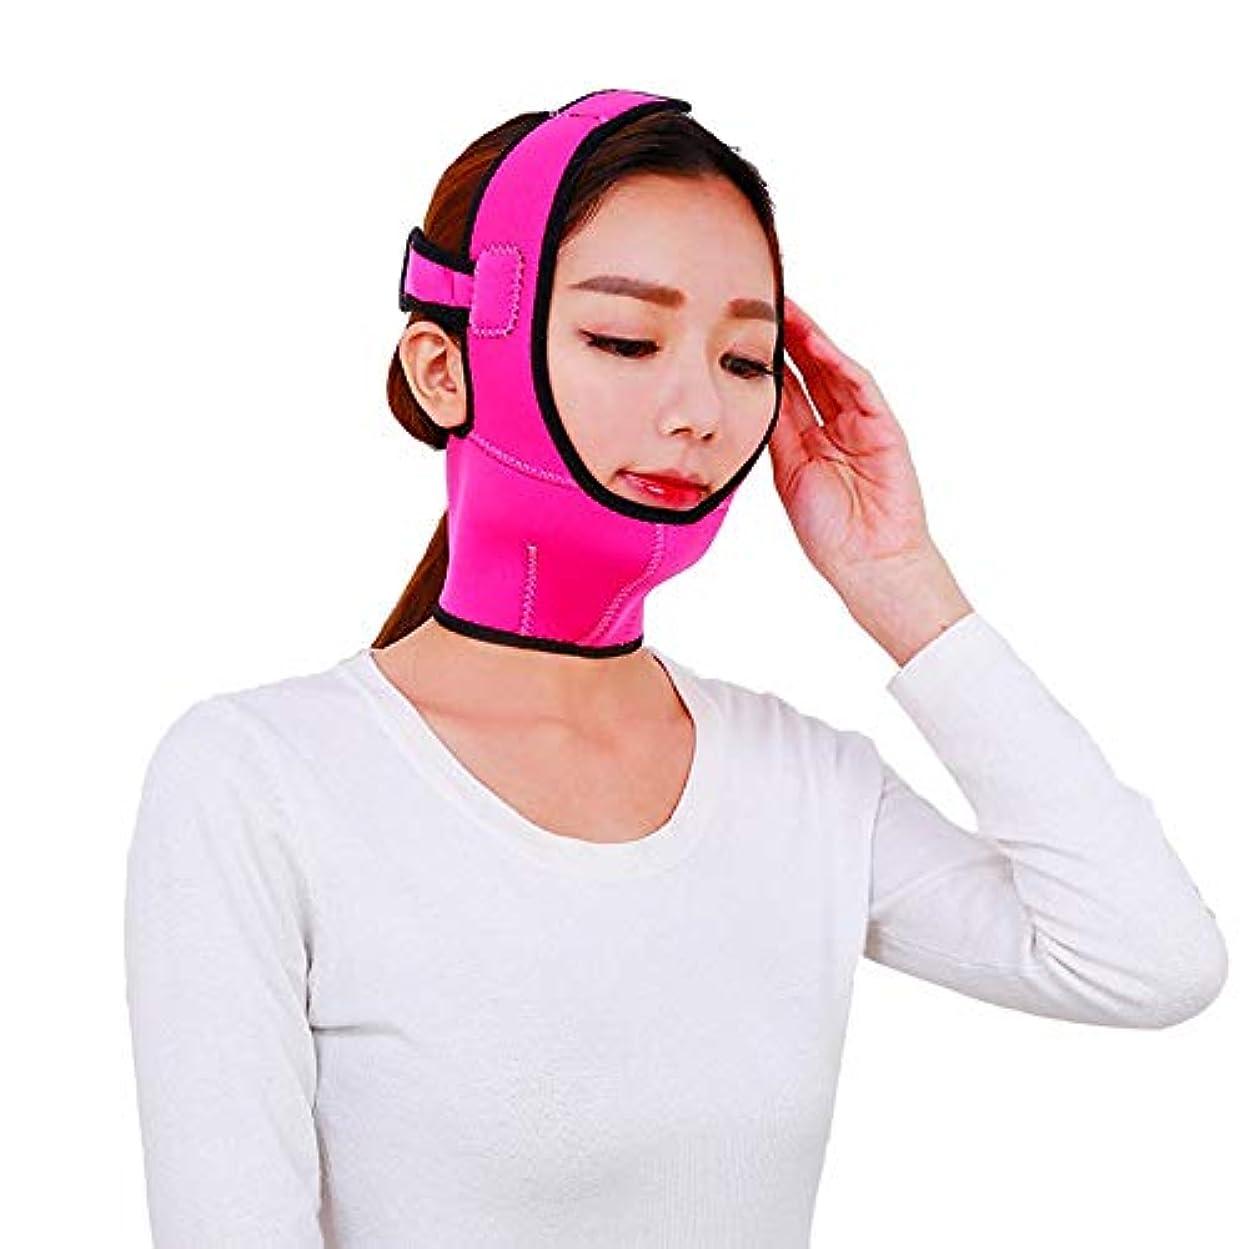 これら基準なぜならJia Jia- フェイシャルリフティング痩身ベルト - 薄いフェイス包帯フェイスマスクベルトフリーフェイシャルマッサージ整形マスクダブルチンワークアウト 顔面包帯